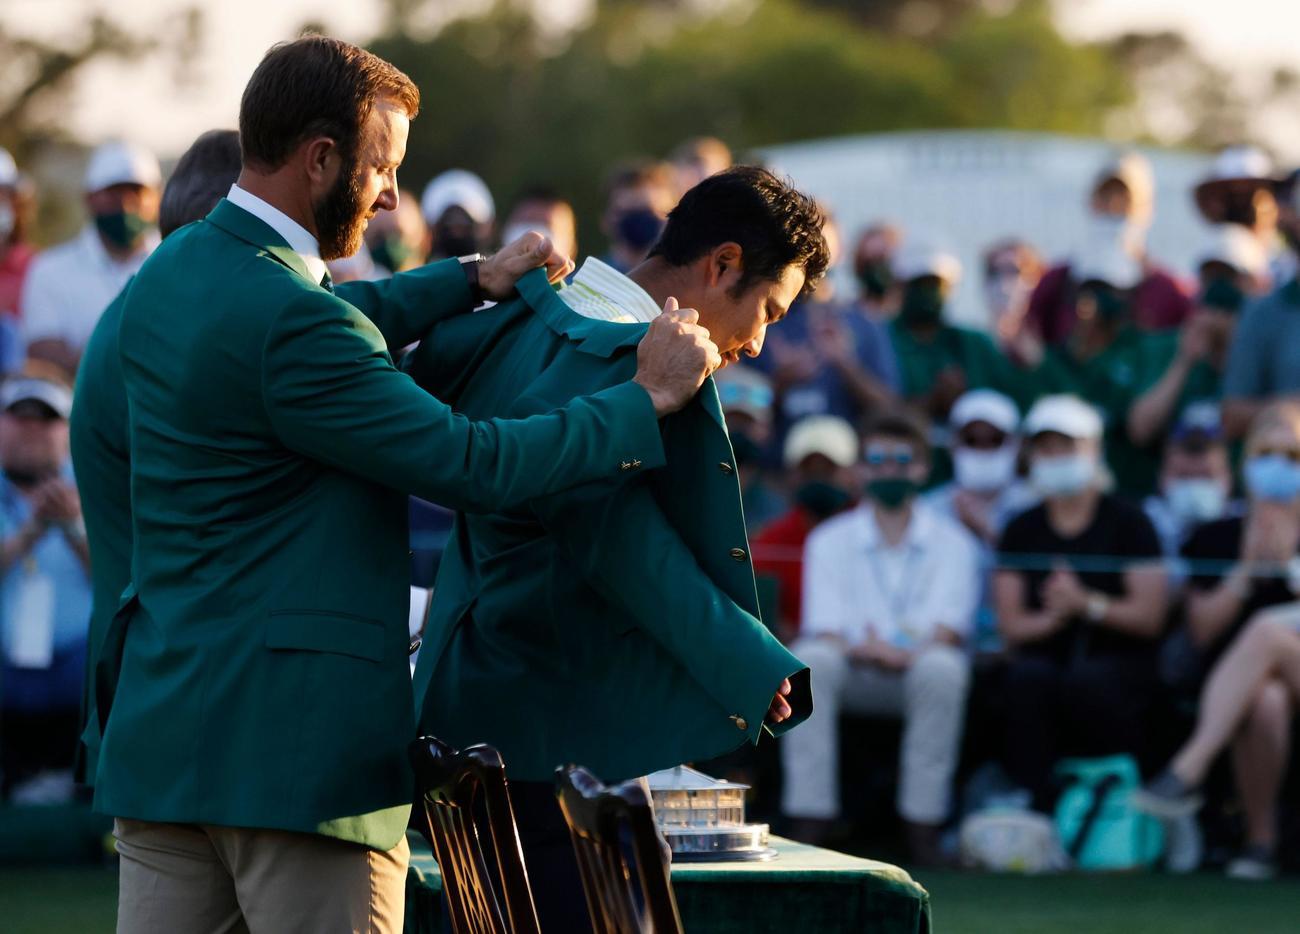 前回優勝のダスティン・ジョンソンからグリーンジャケットを着せてもらう松山(ロイター)